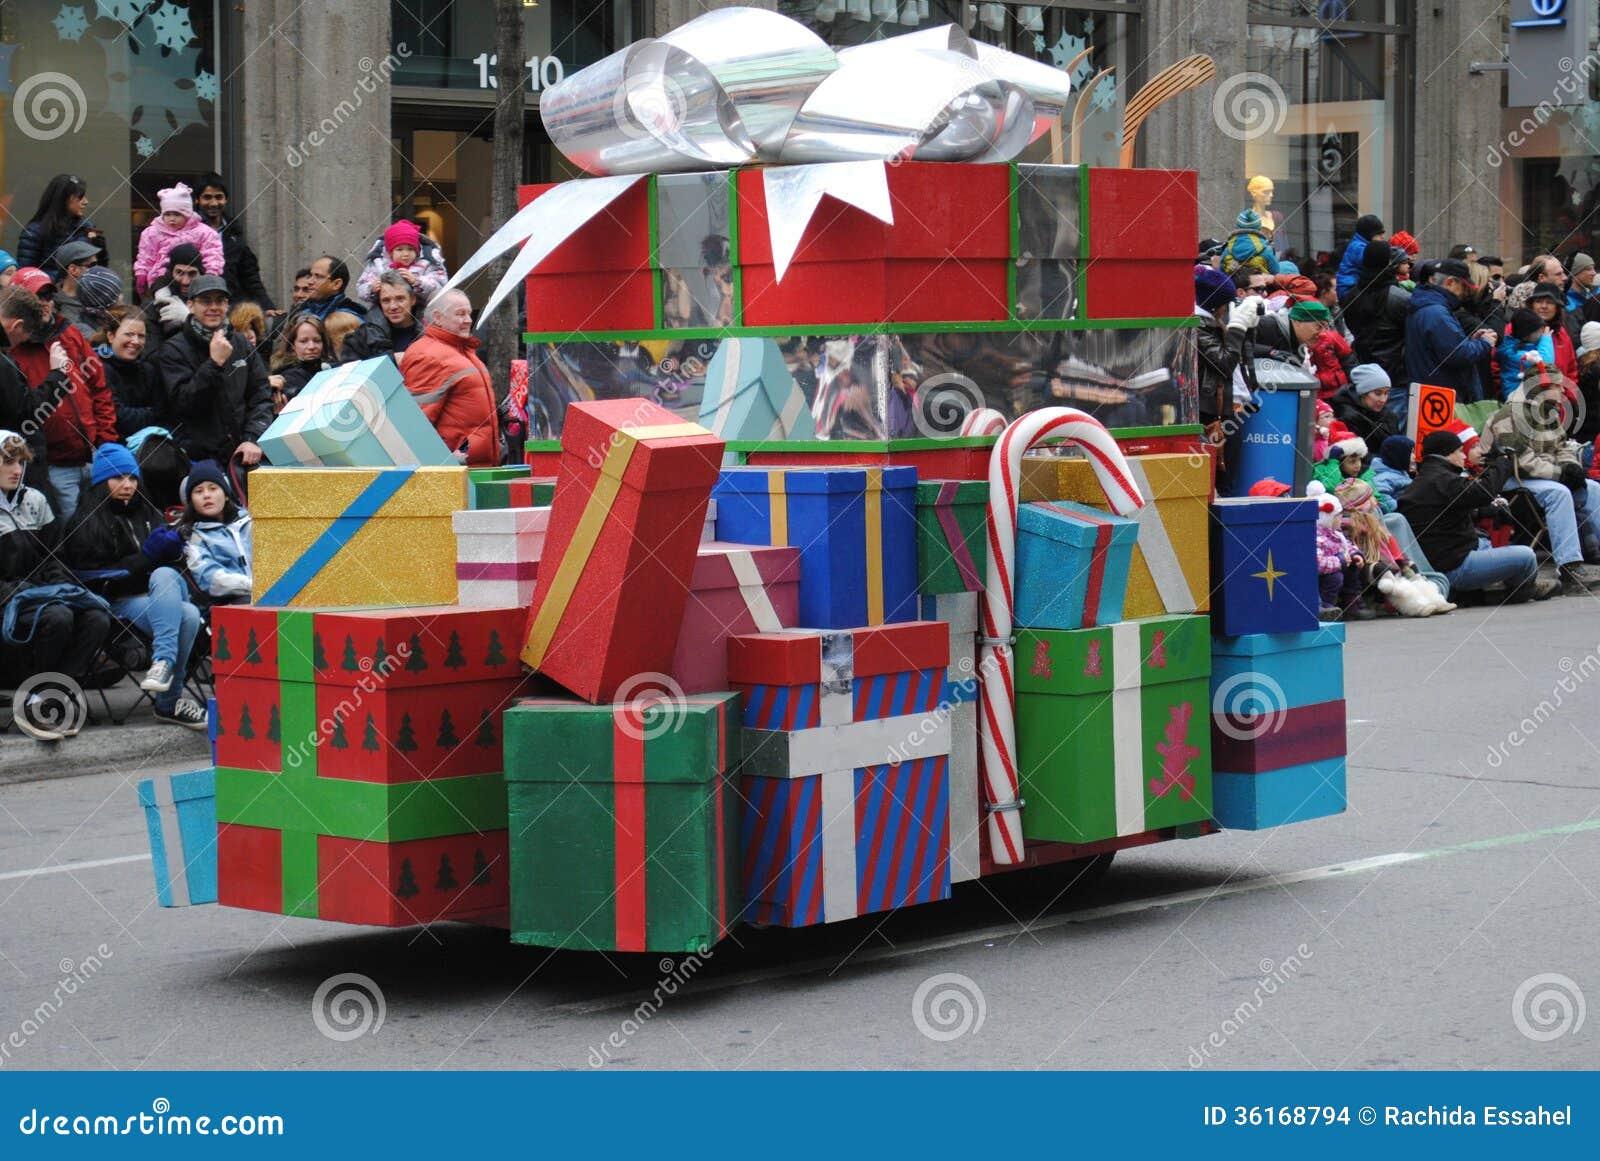 Φεστιβάλ του santa clous στο Μόντρεαλ